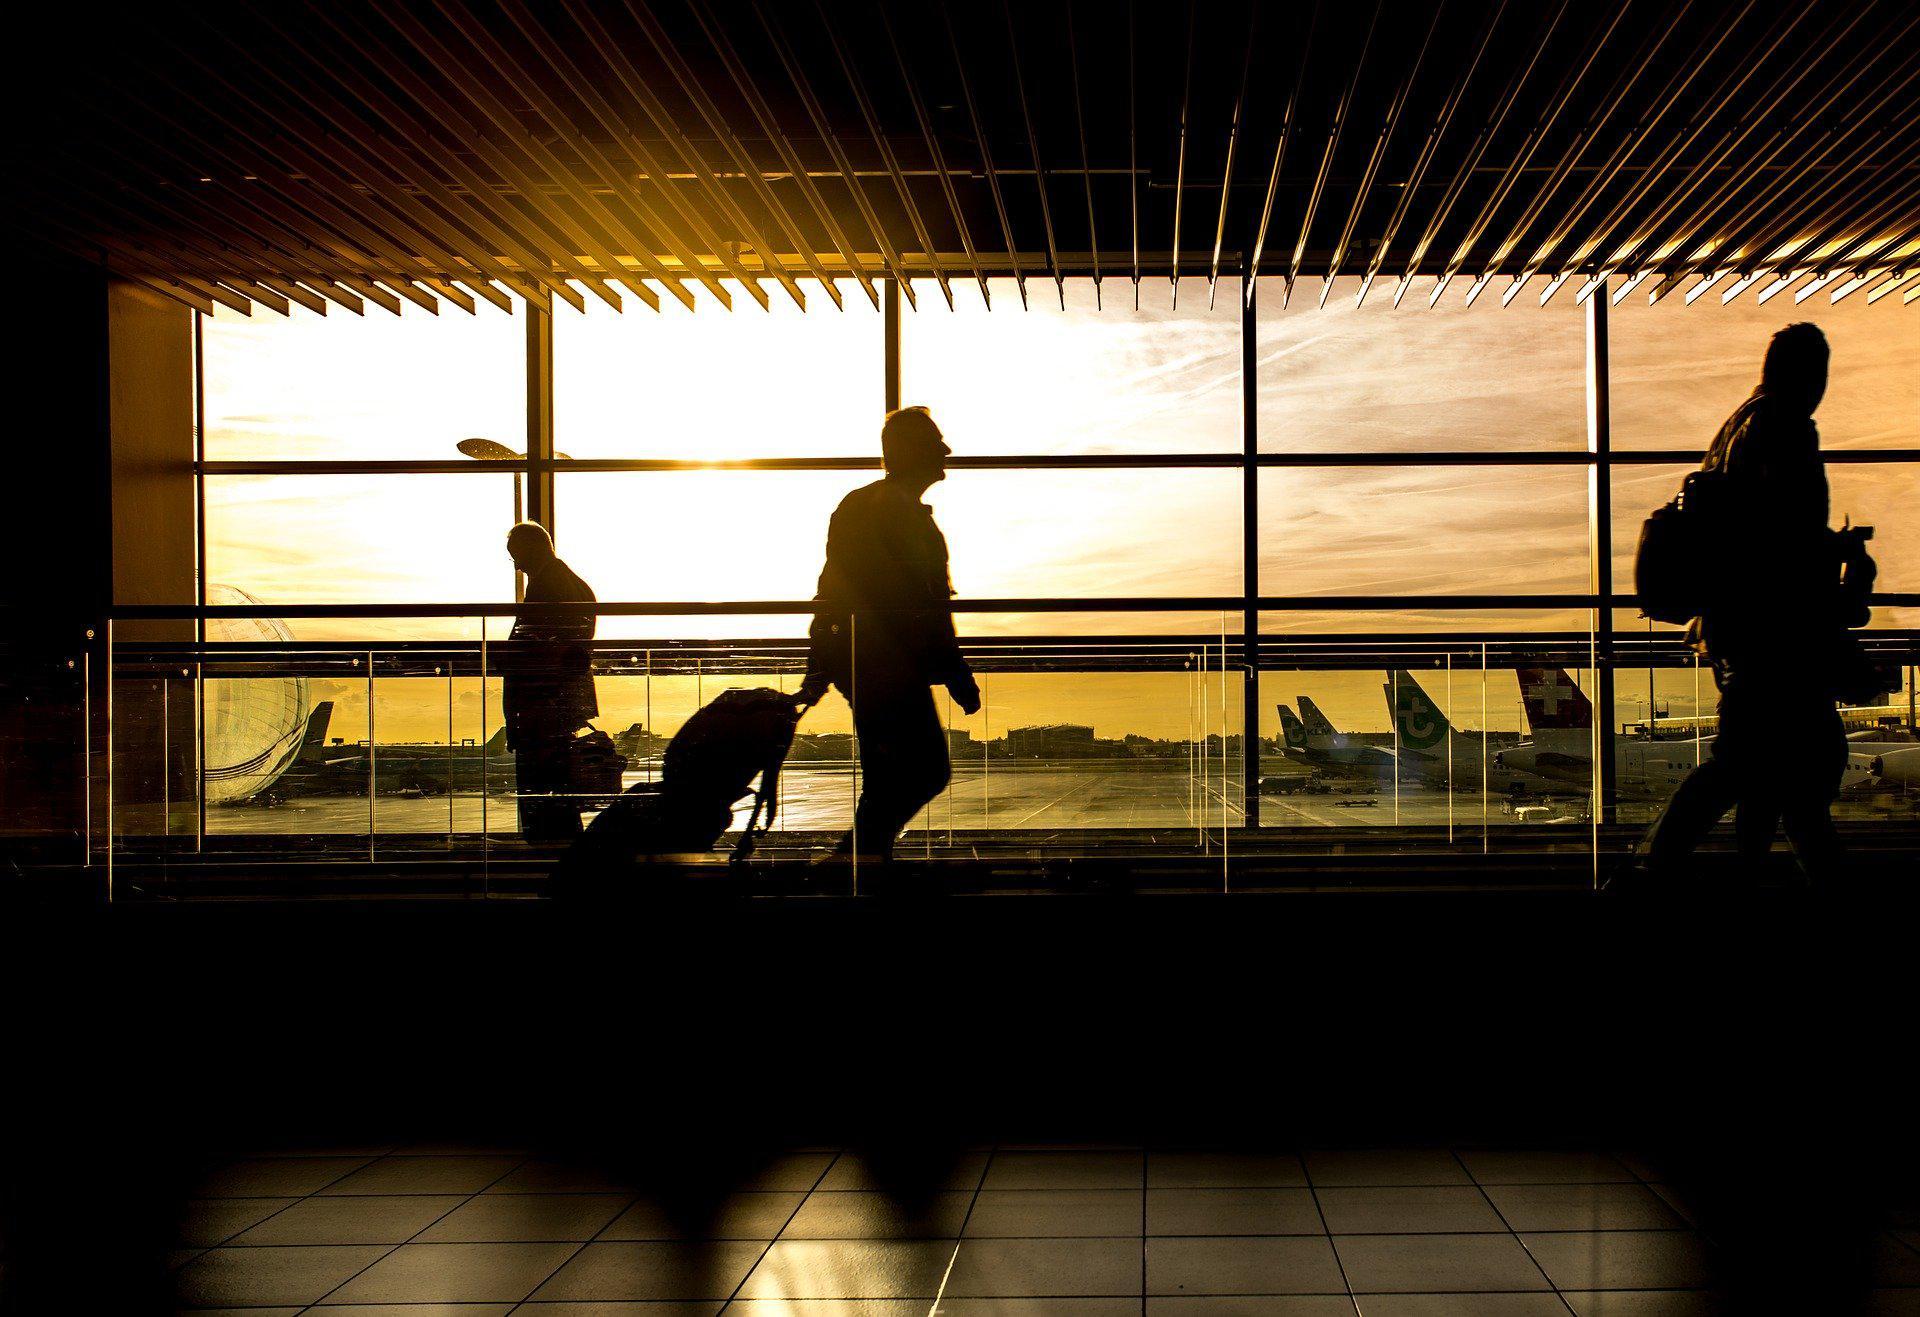 Podróż biznesowa – niezbędne gadżety technologiczne